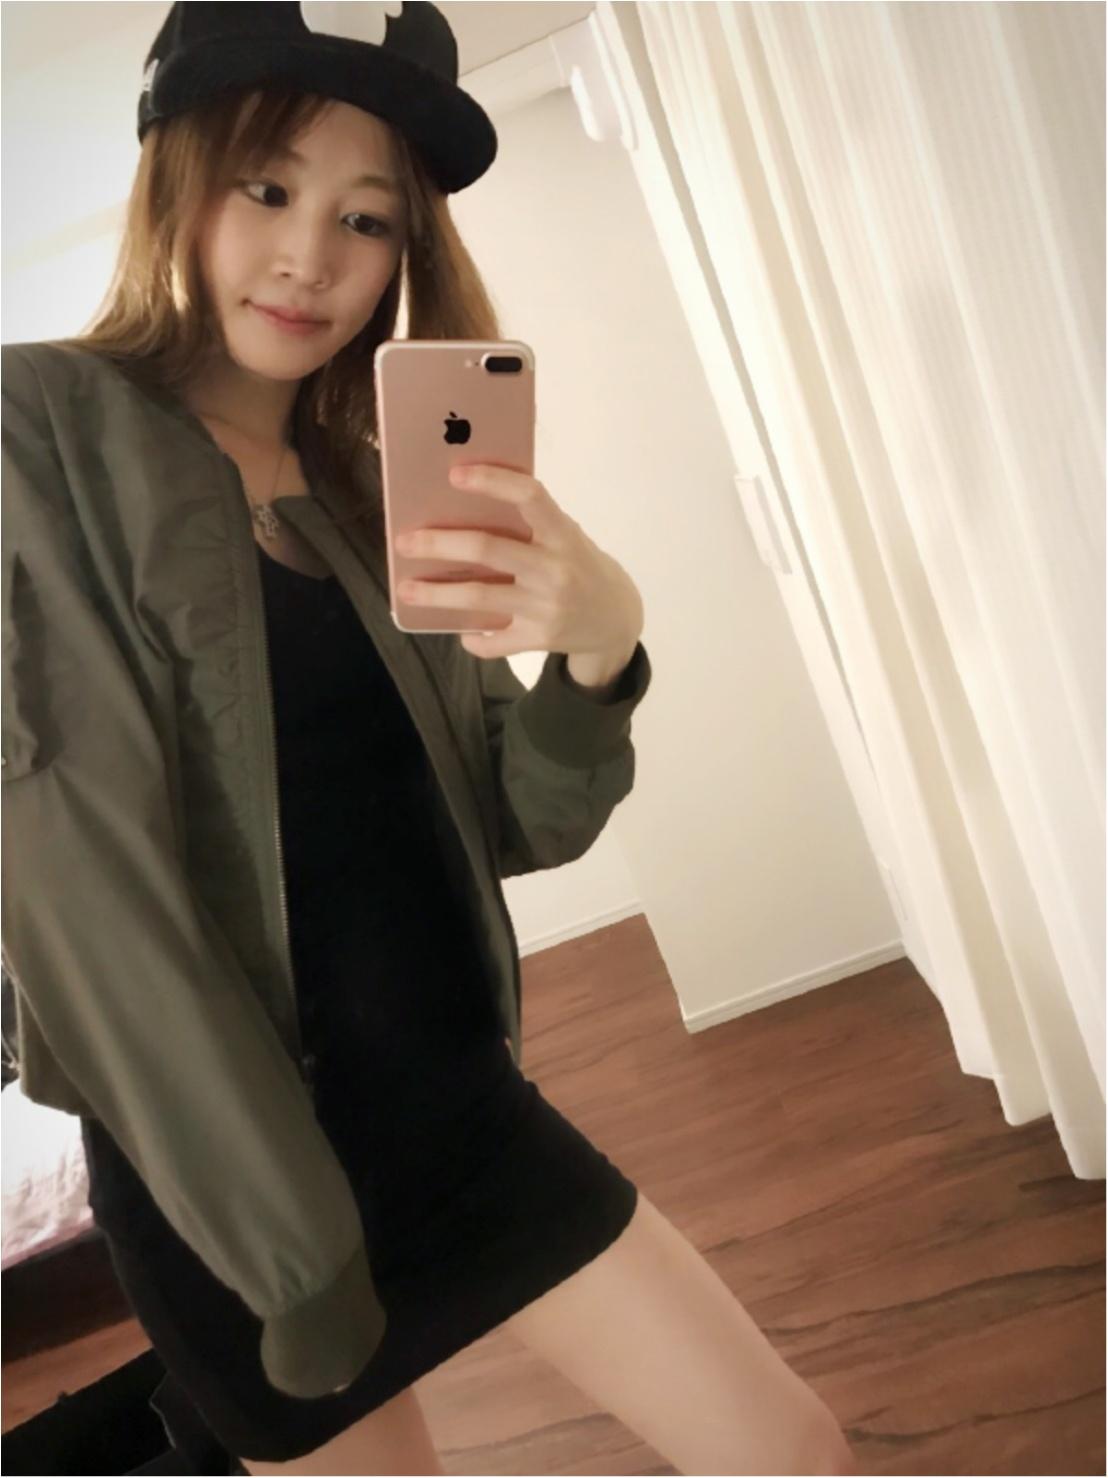 夏のお気に入りスタイル♡ゴツめな靴にはタイトな服で♡_3